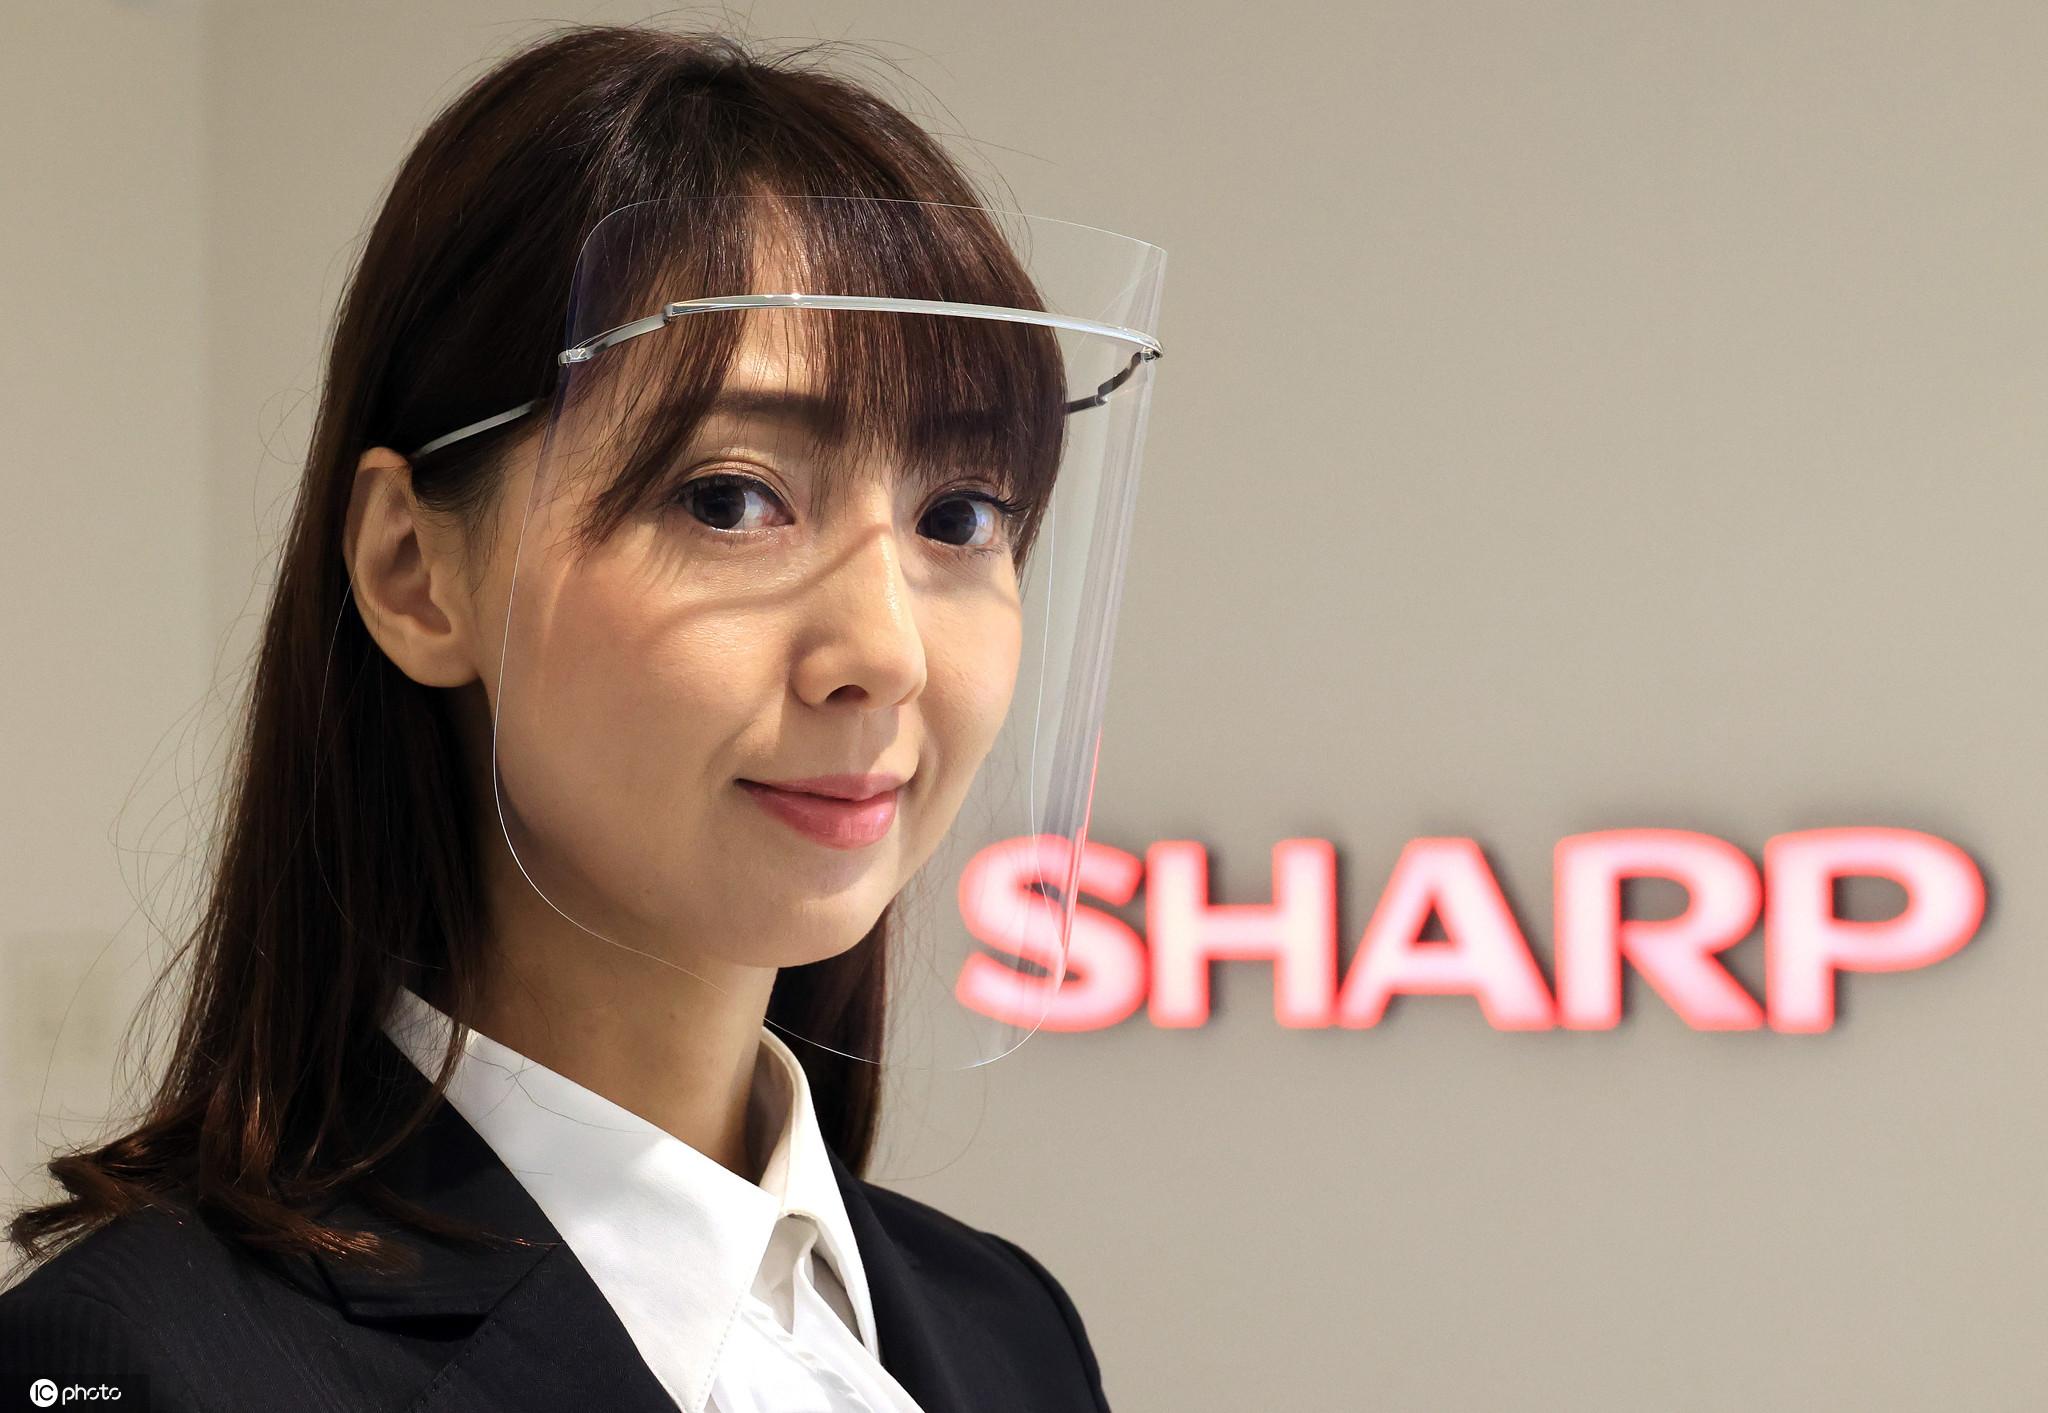 日本夏普公司研發出高性能面罩: 具有抗眩和防霧功能-圖2